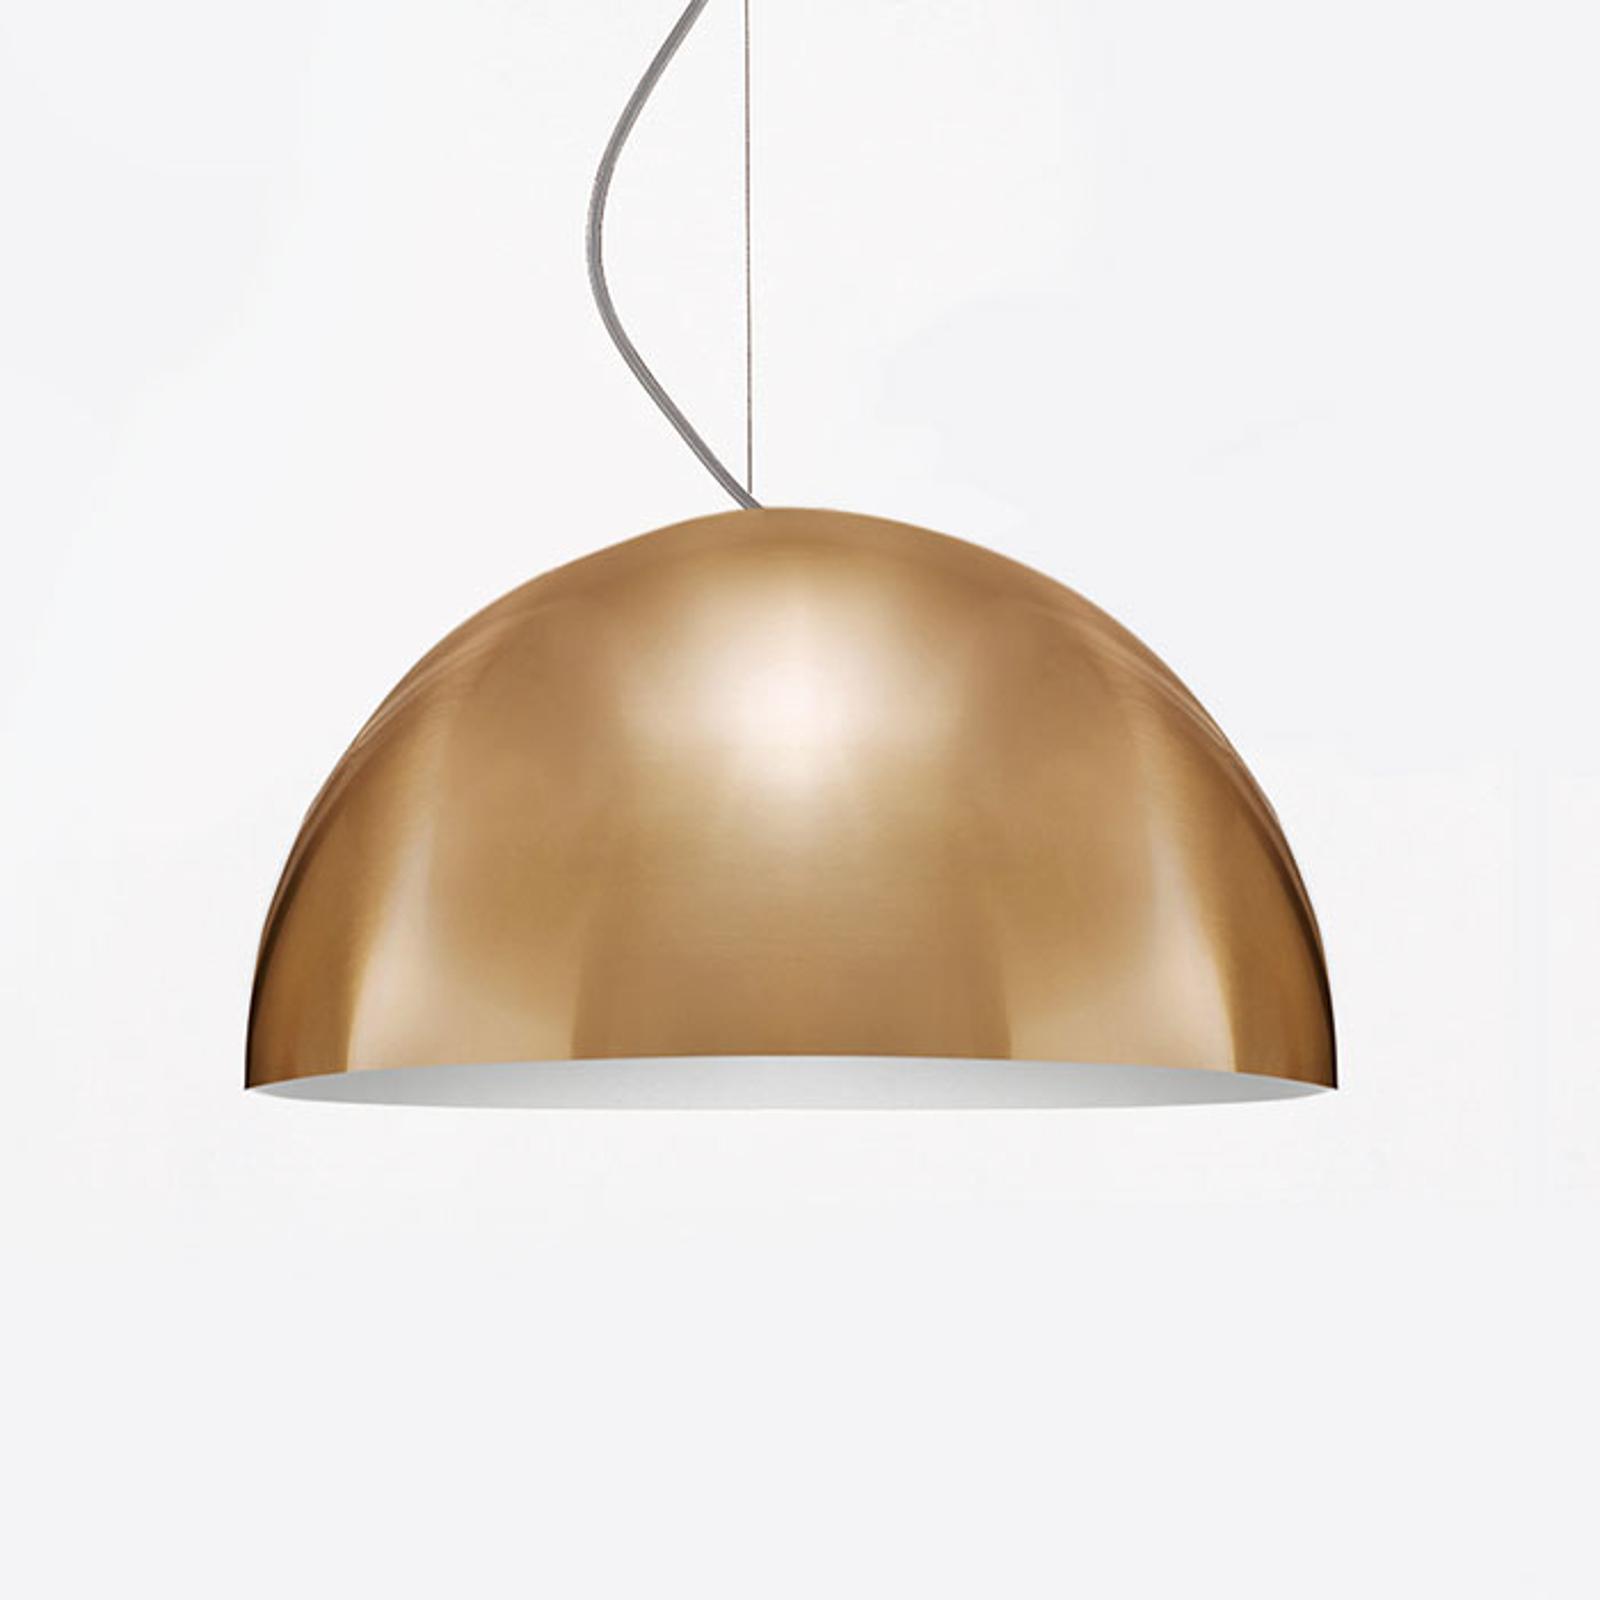 Oluce Sonora - goudkleurige hanglamp, 38 cm